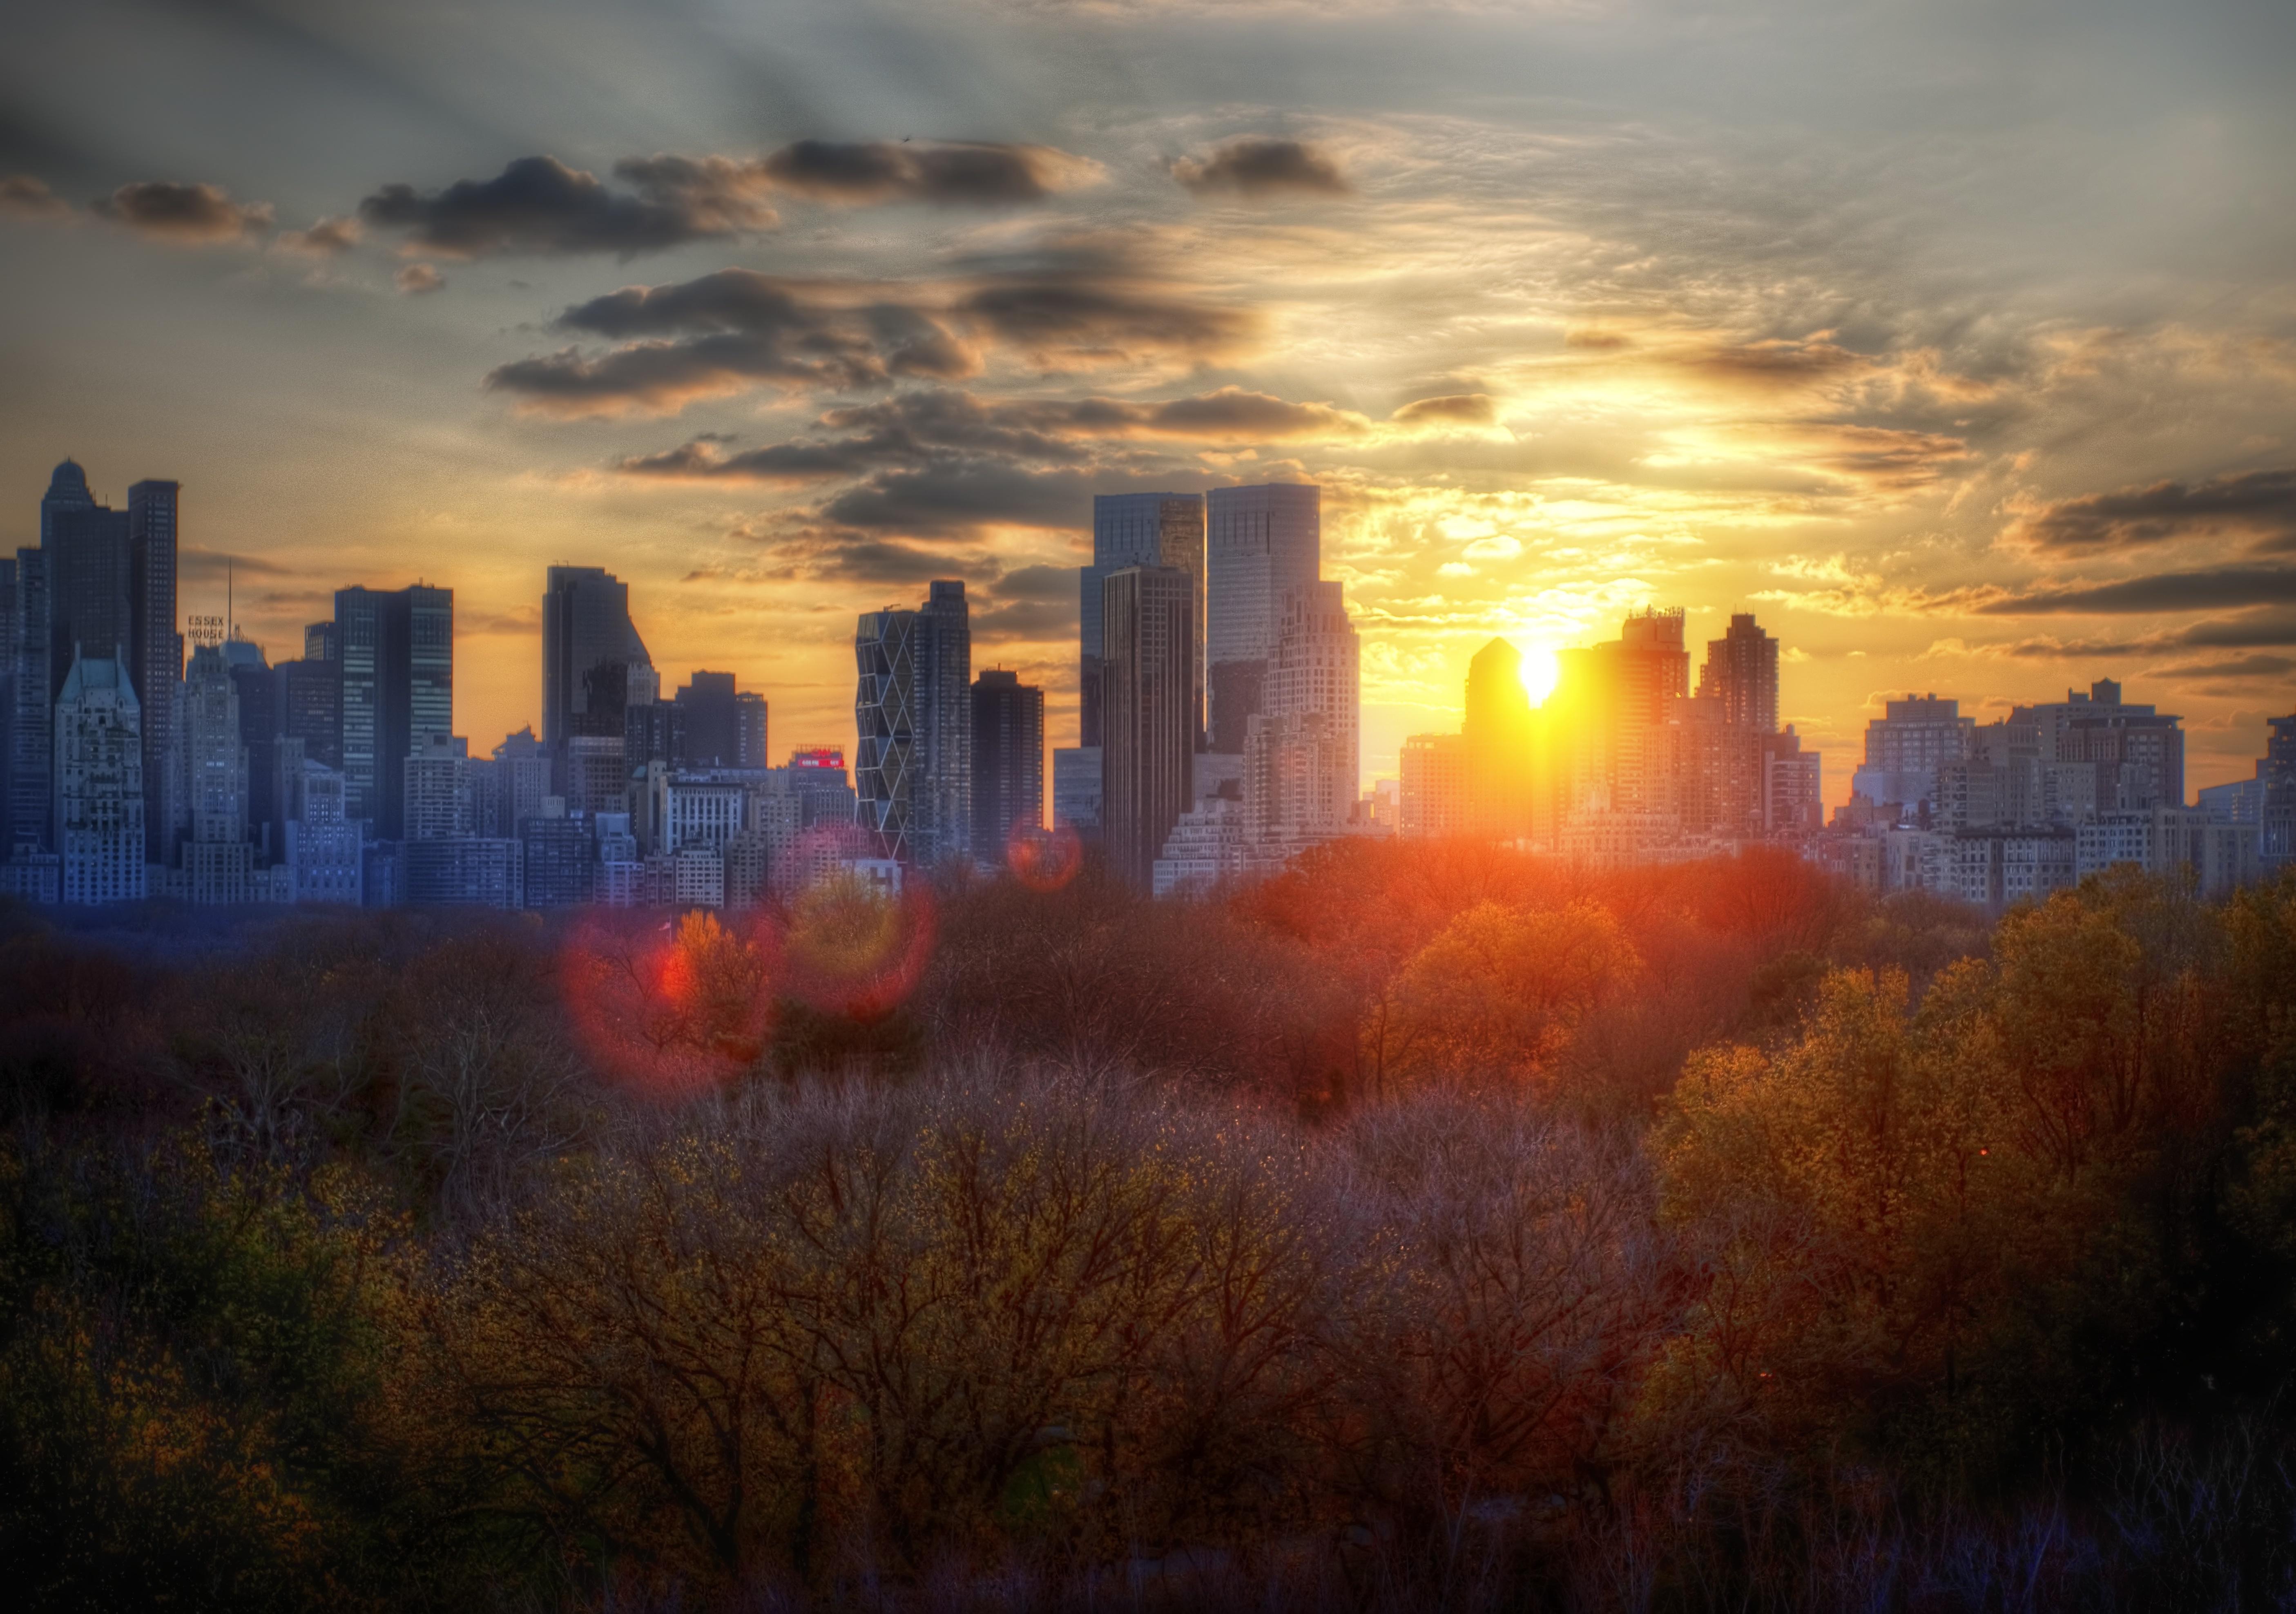 красивая картинка заката в городе работы, высокие бордюры